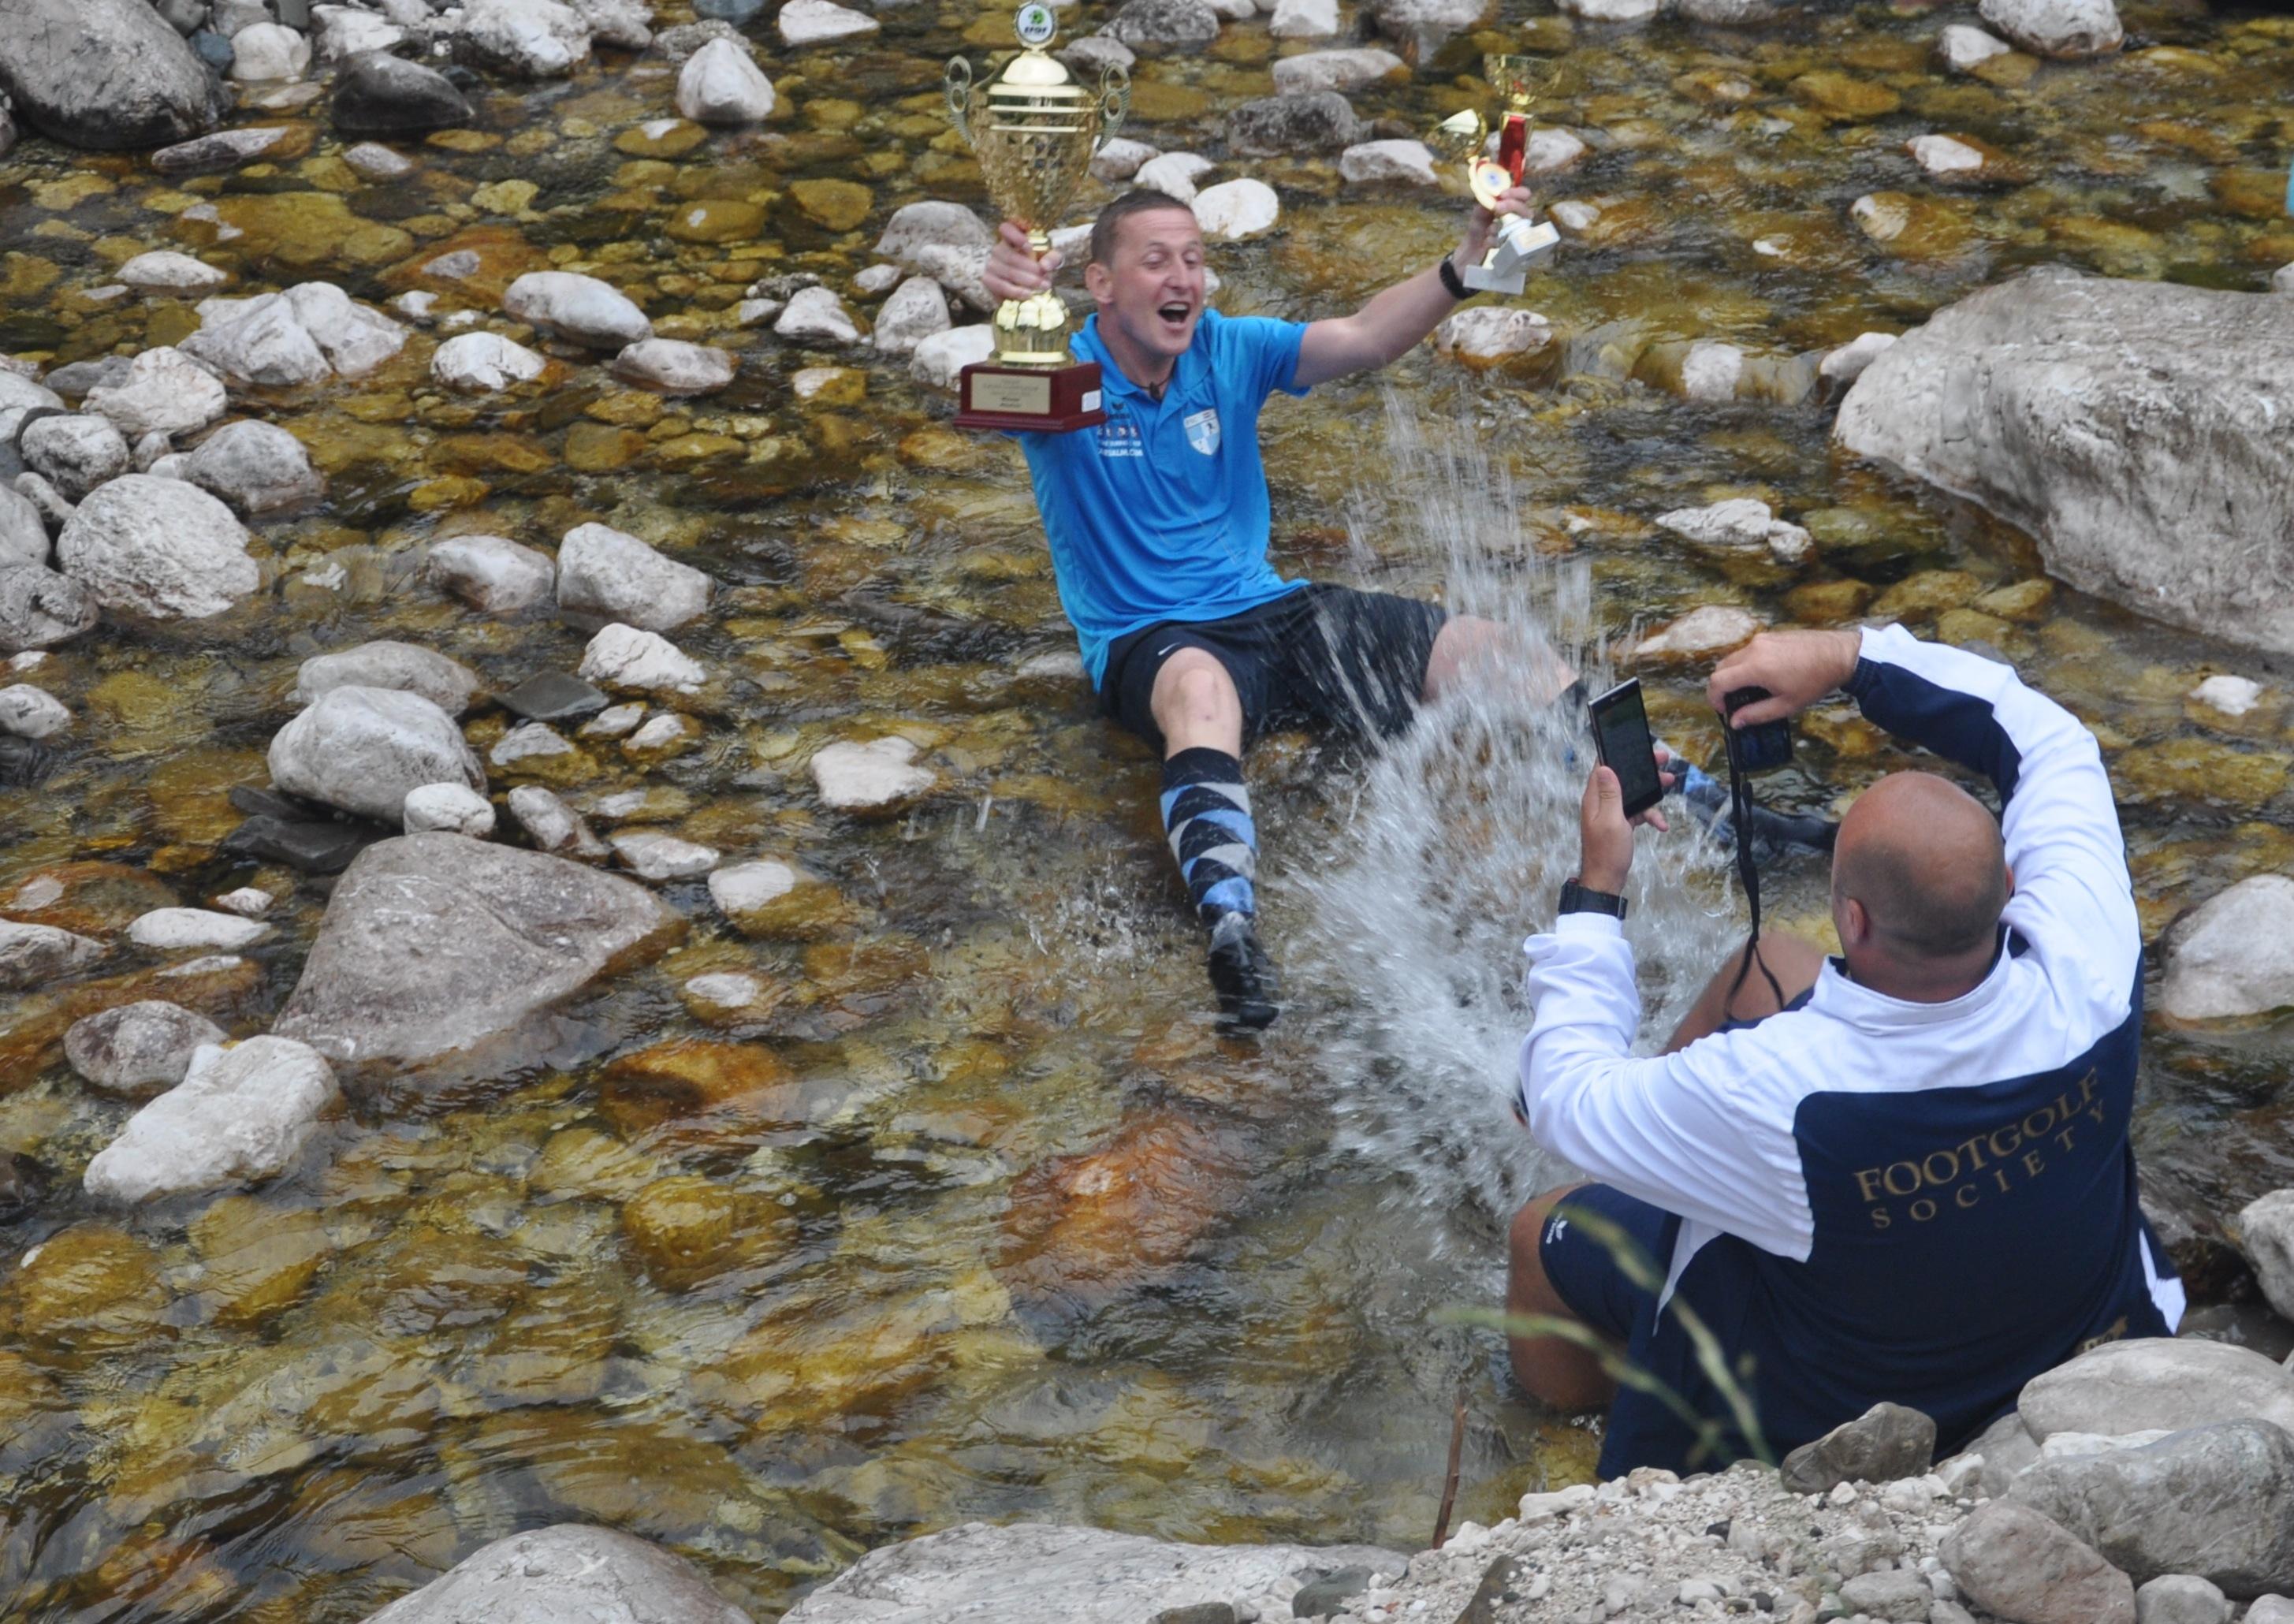 Bjorn Bulk v potoku Gljun na golf igrišču Bovec